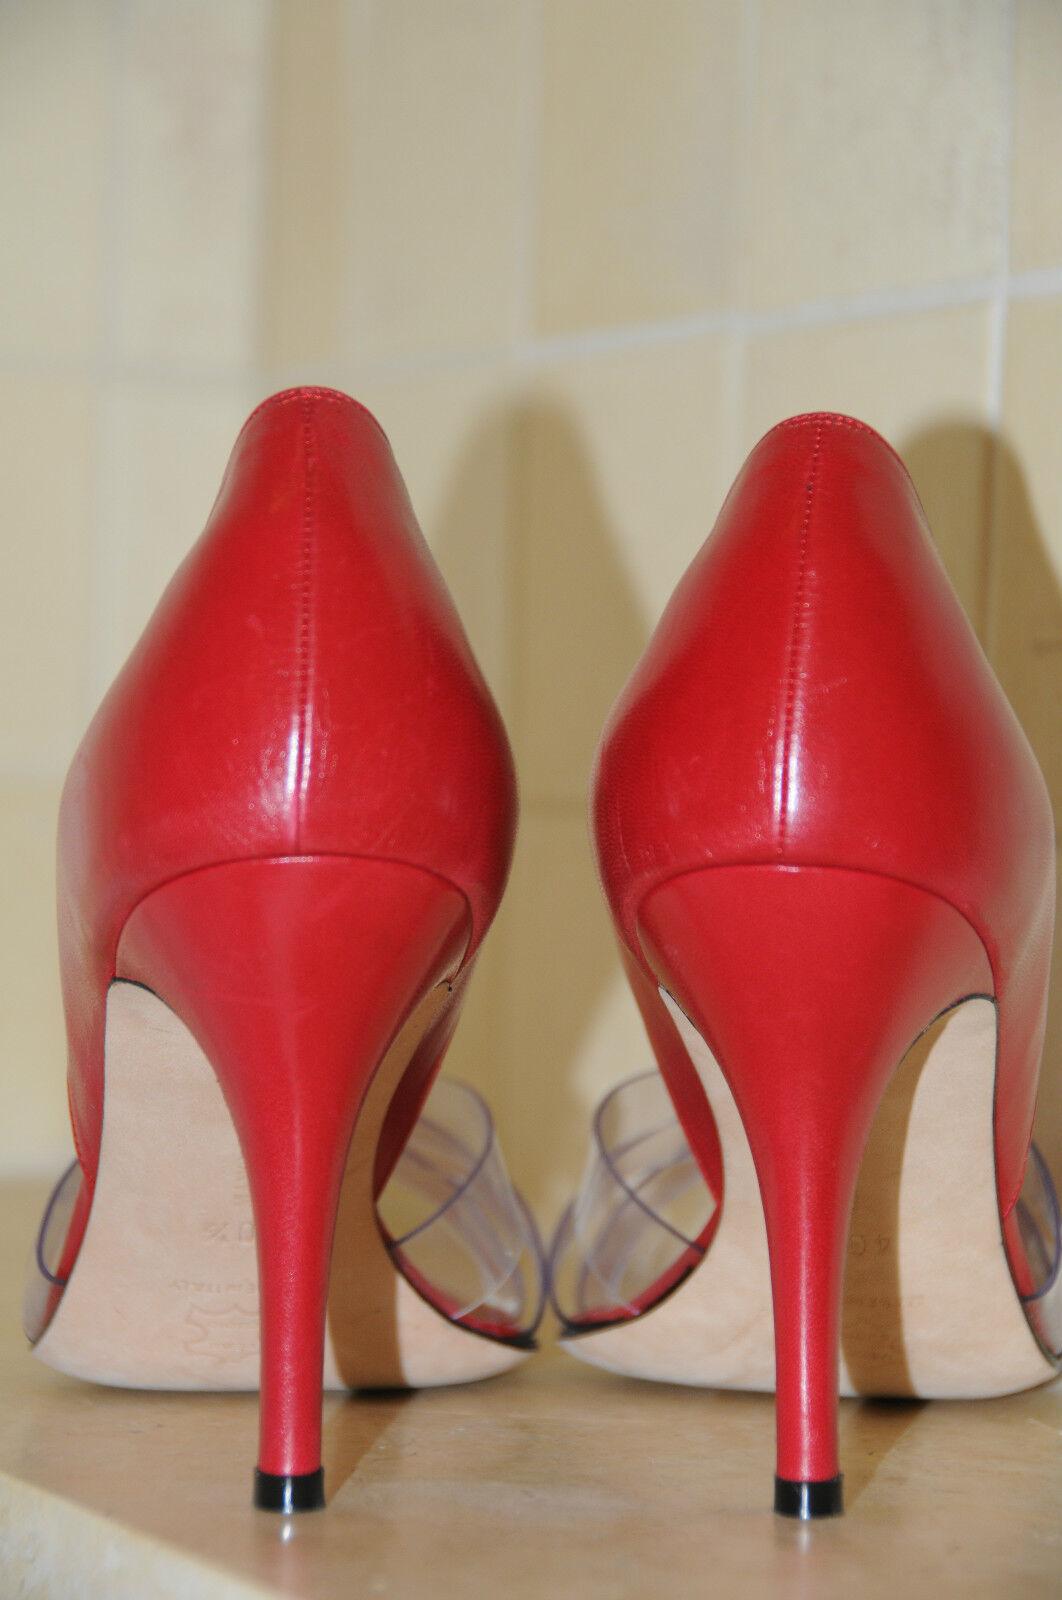 Zapatos de Cuero  675 Nuevos PVC de Manolo Blahnik Ferrari Rojo PVC Nuevos 40.5 d0a9d0